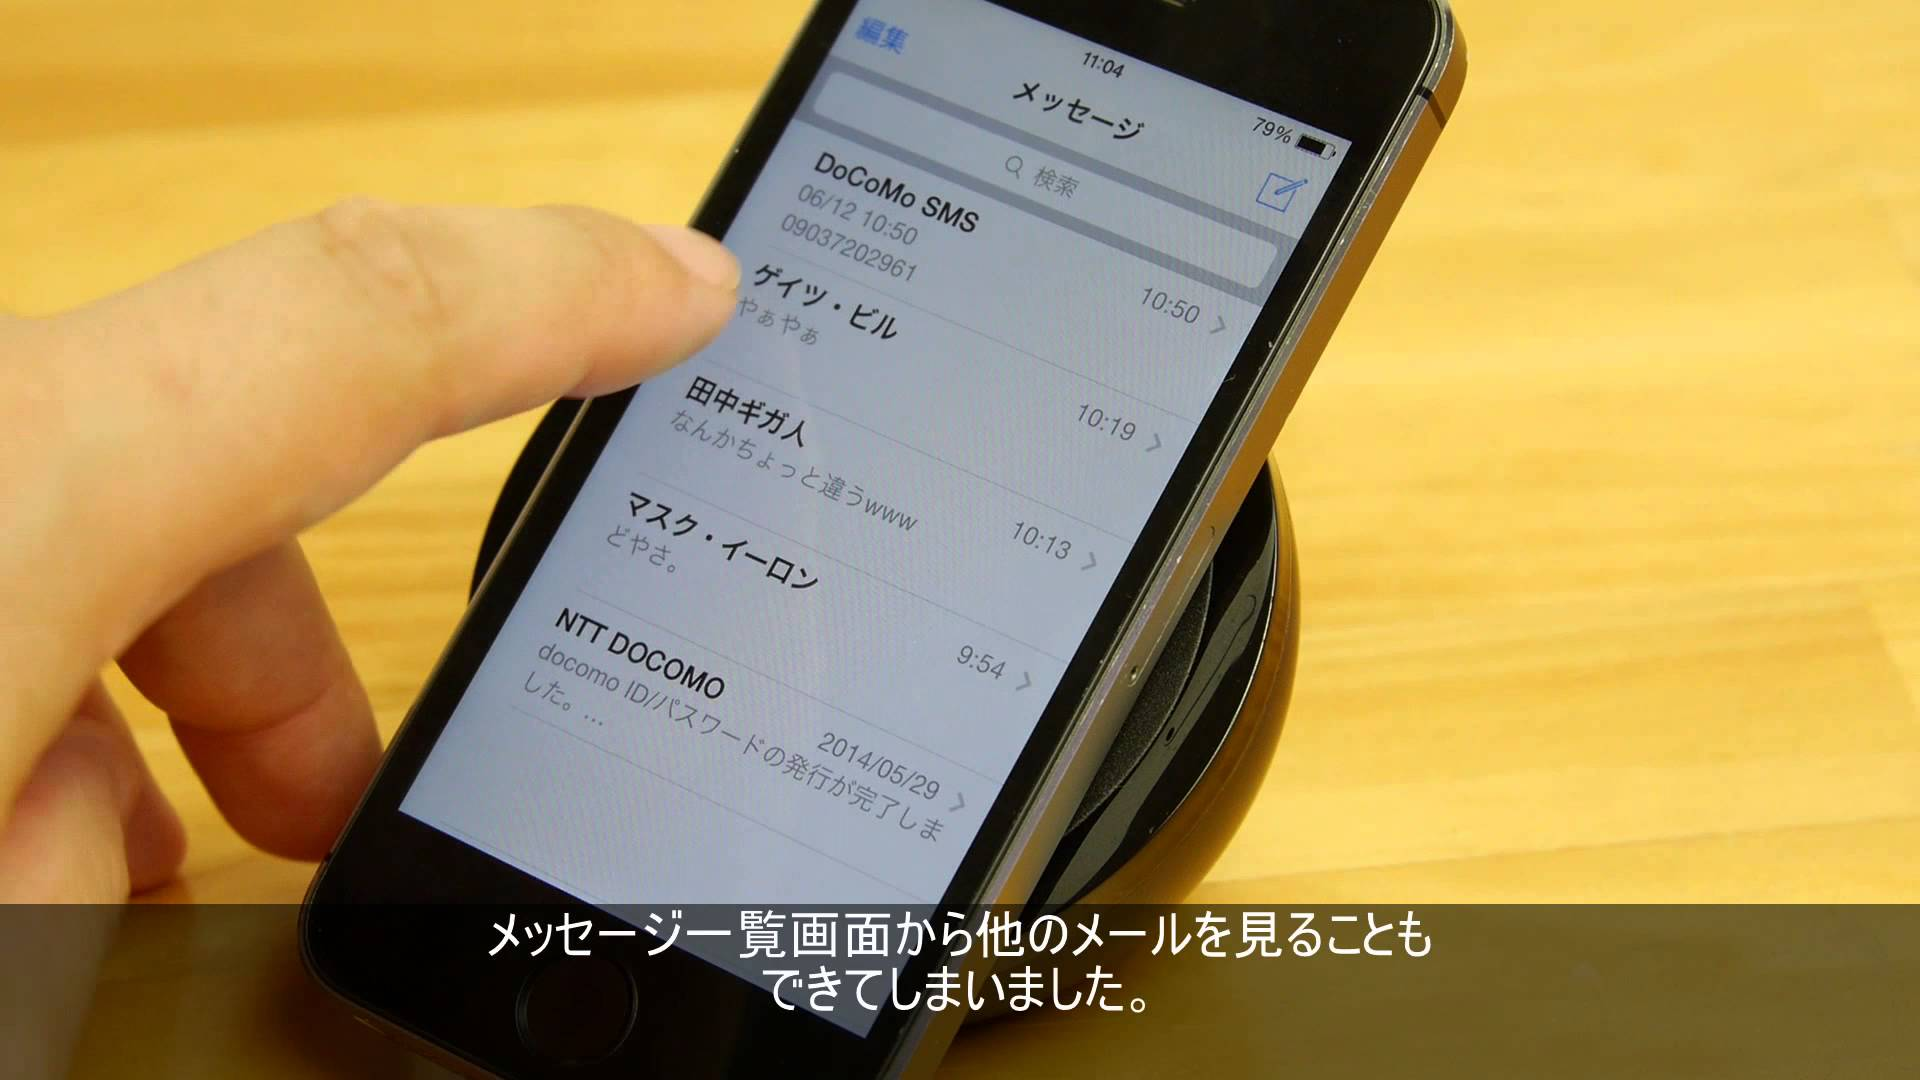 iPhoneでロック画面を突破するバグ